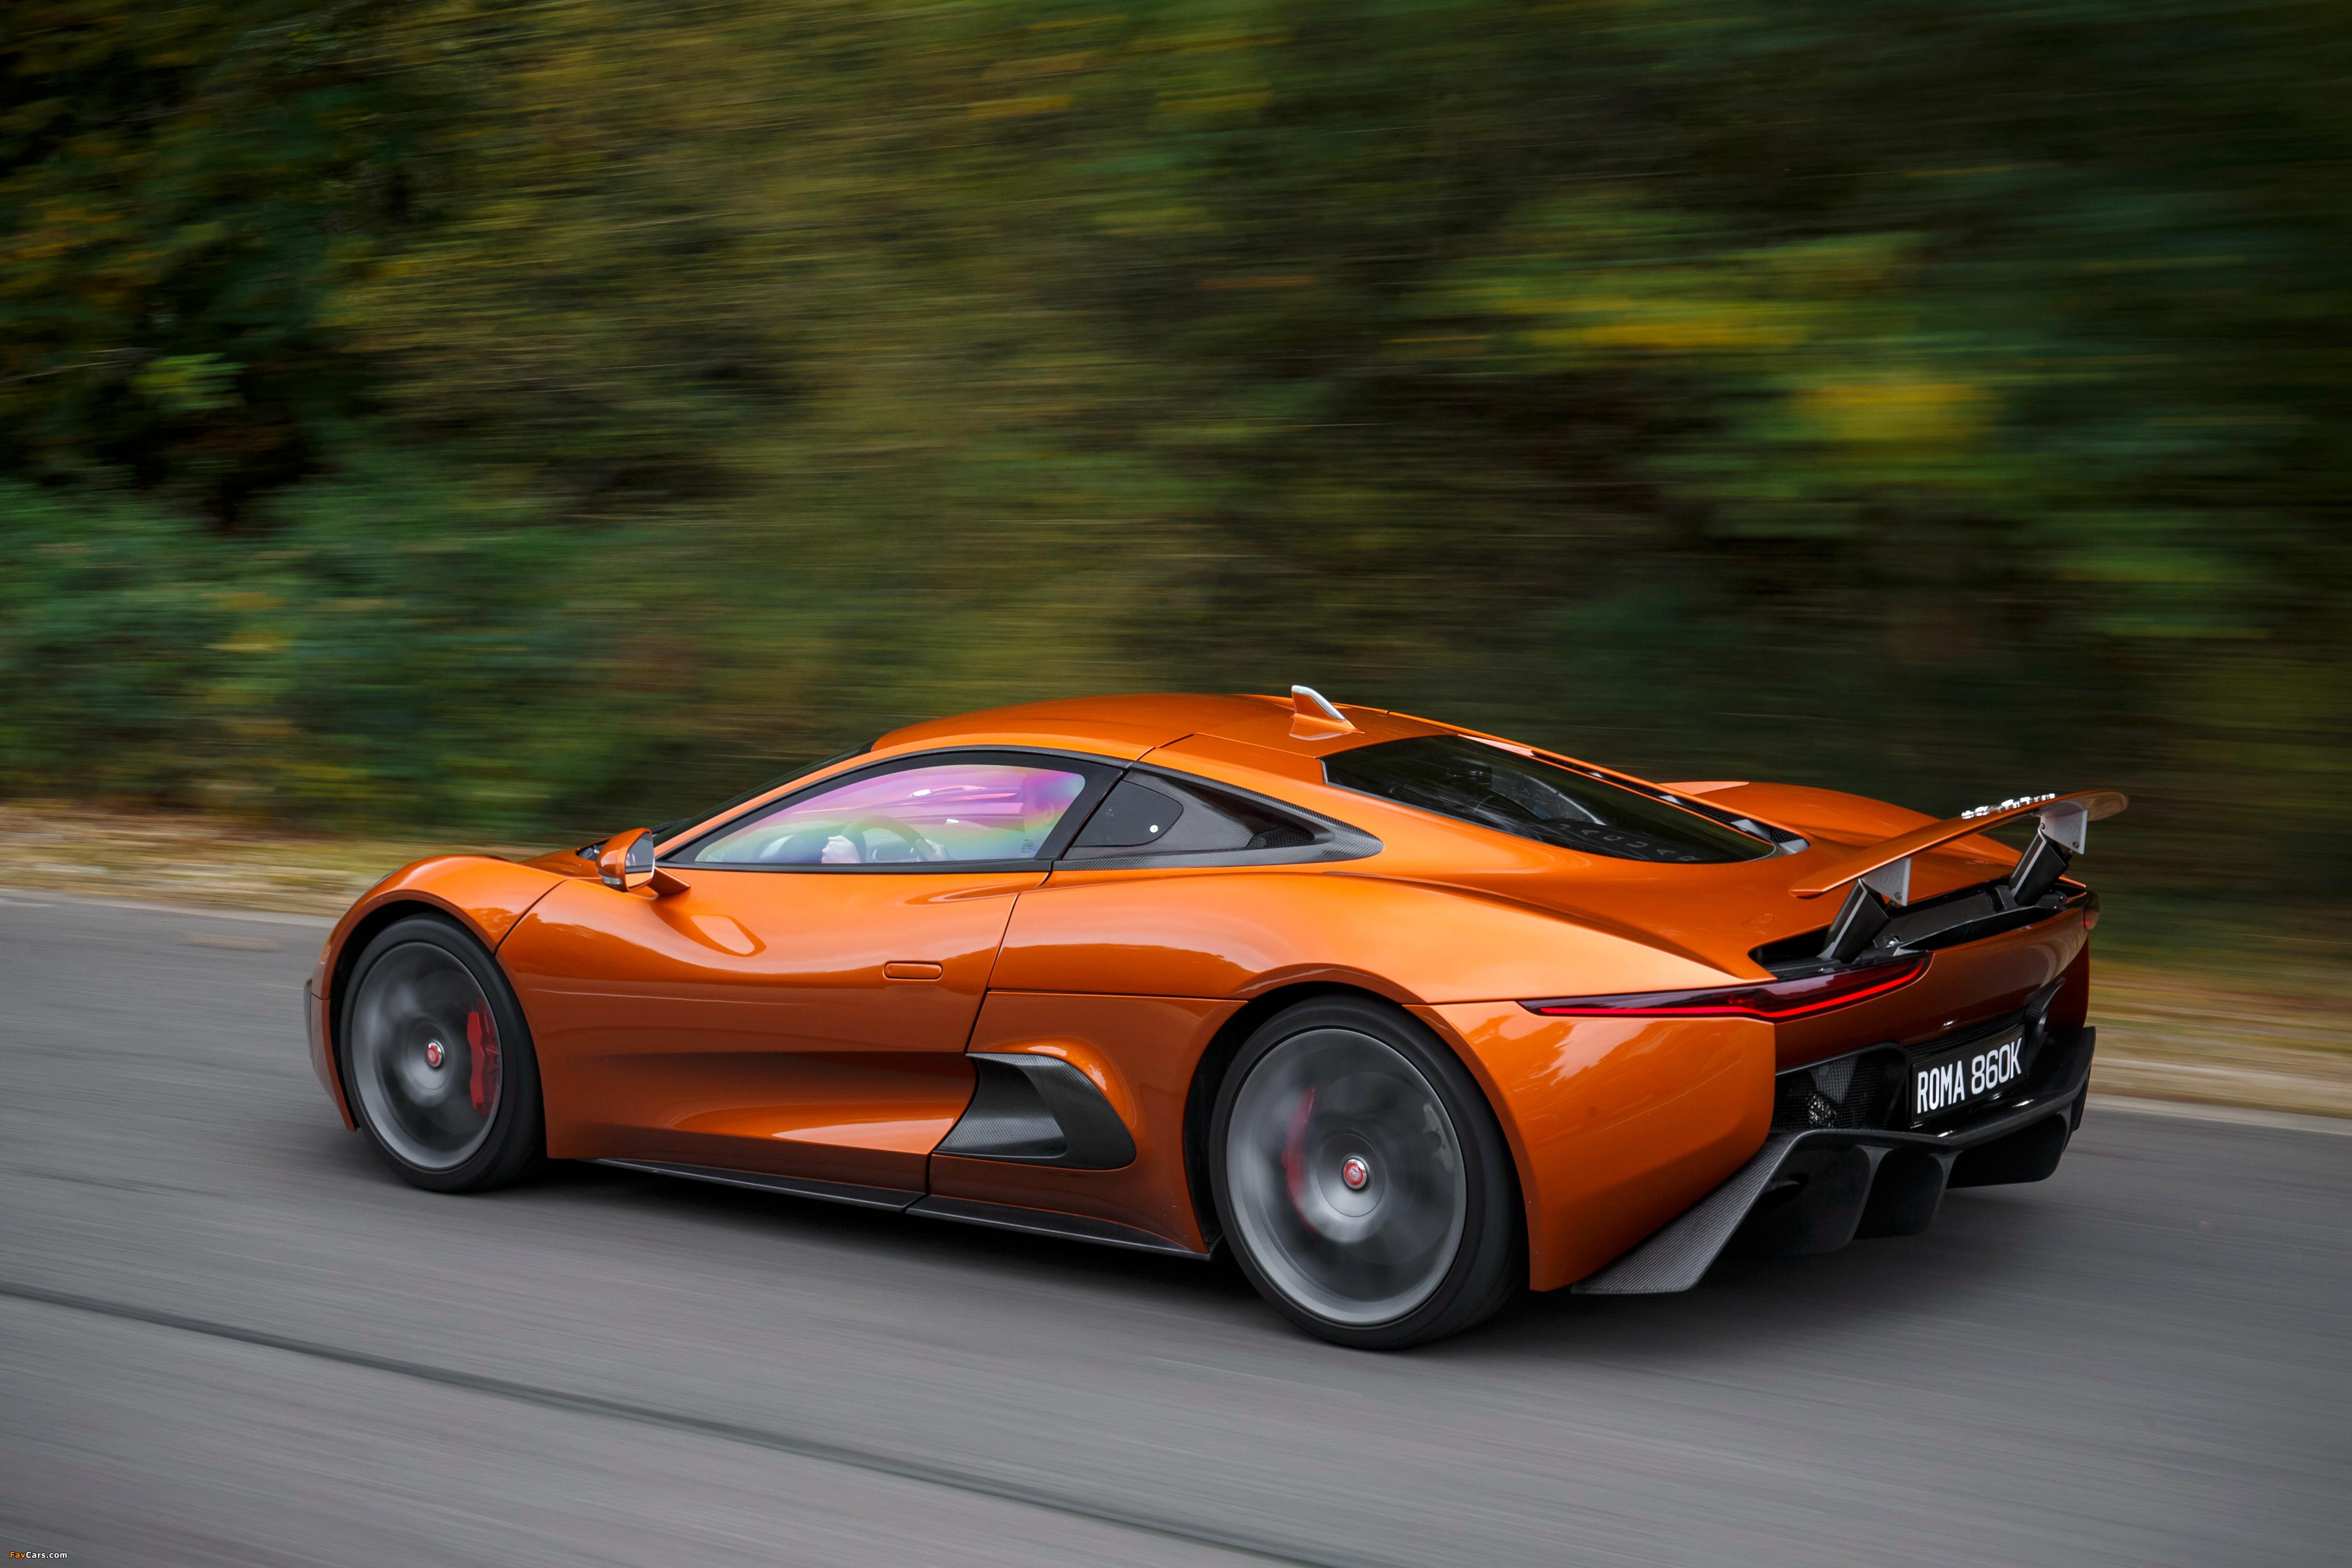 синий спортивный автомобиль jaguar c-x75 скачать